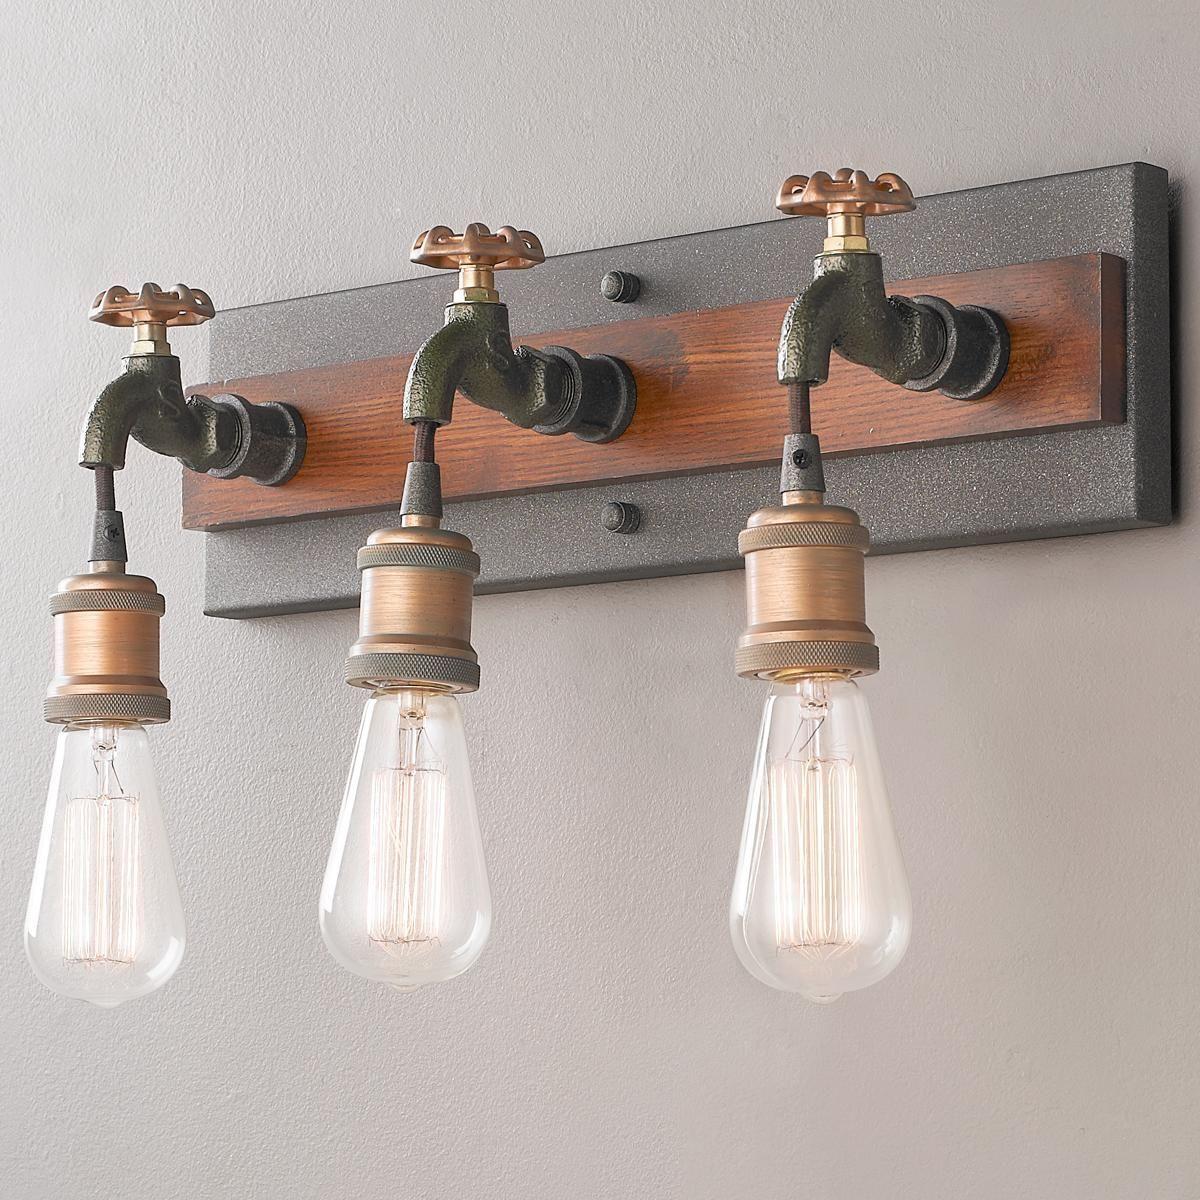 Dripping Tap Bathroom Light 3 Lights Rohr Beleuchtung Flaschenleuchten Und Kupfer Beleuchtung